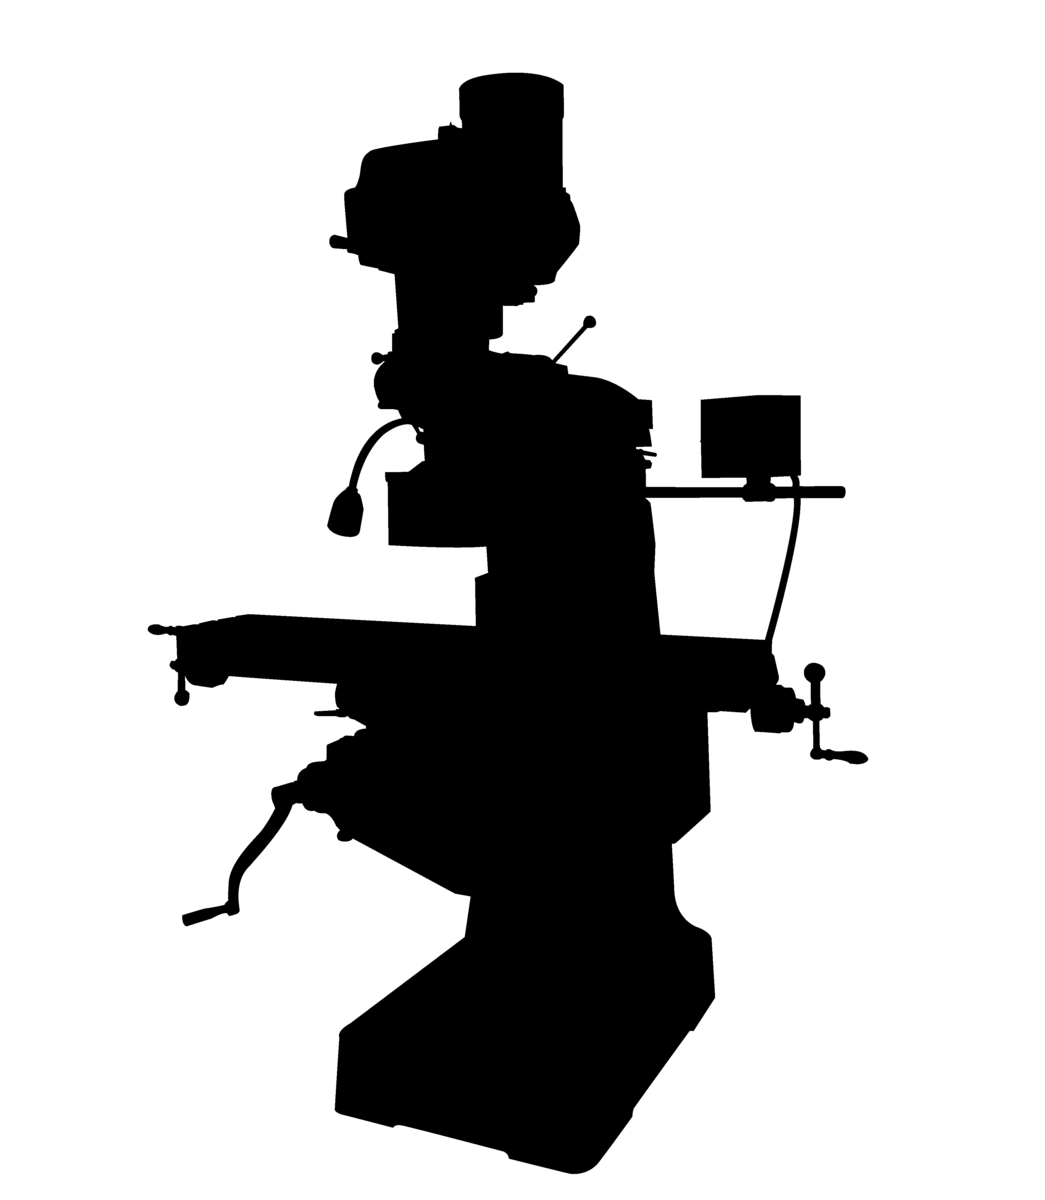 ETM-949- 3X 203 (K) & X, Y PWRFD & DRB